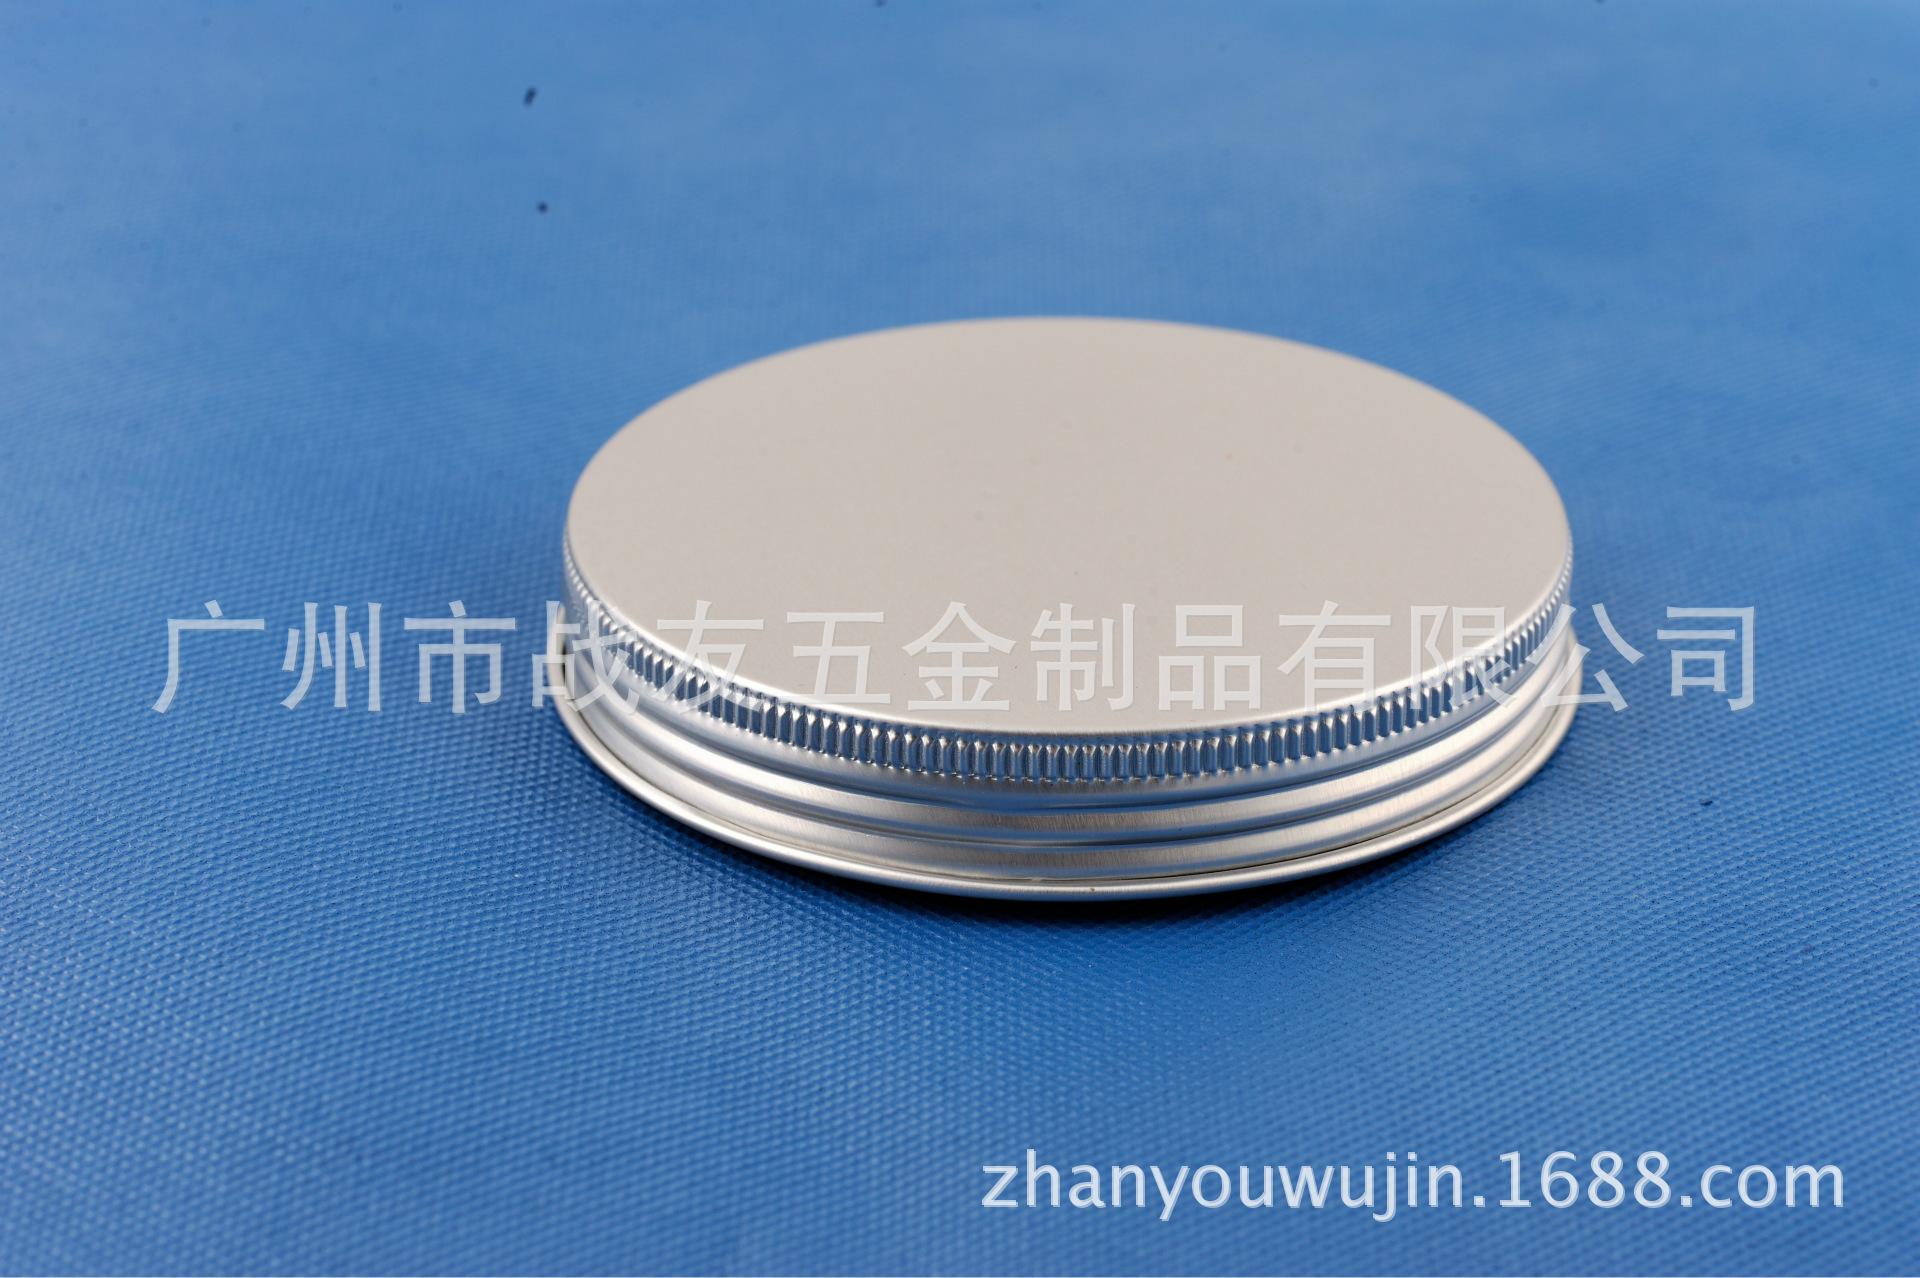 直销100*17铝盖 金属瓶盖 广州五金制品厂 氧化铝盖 定制金属盖